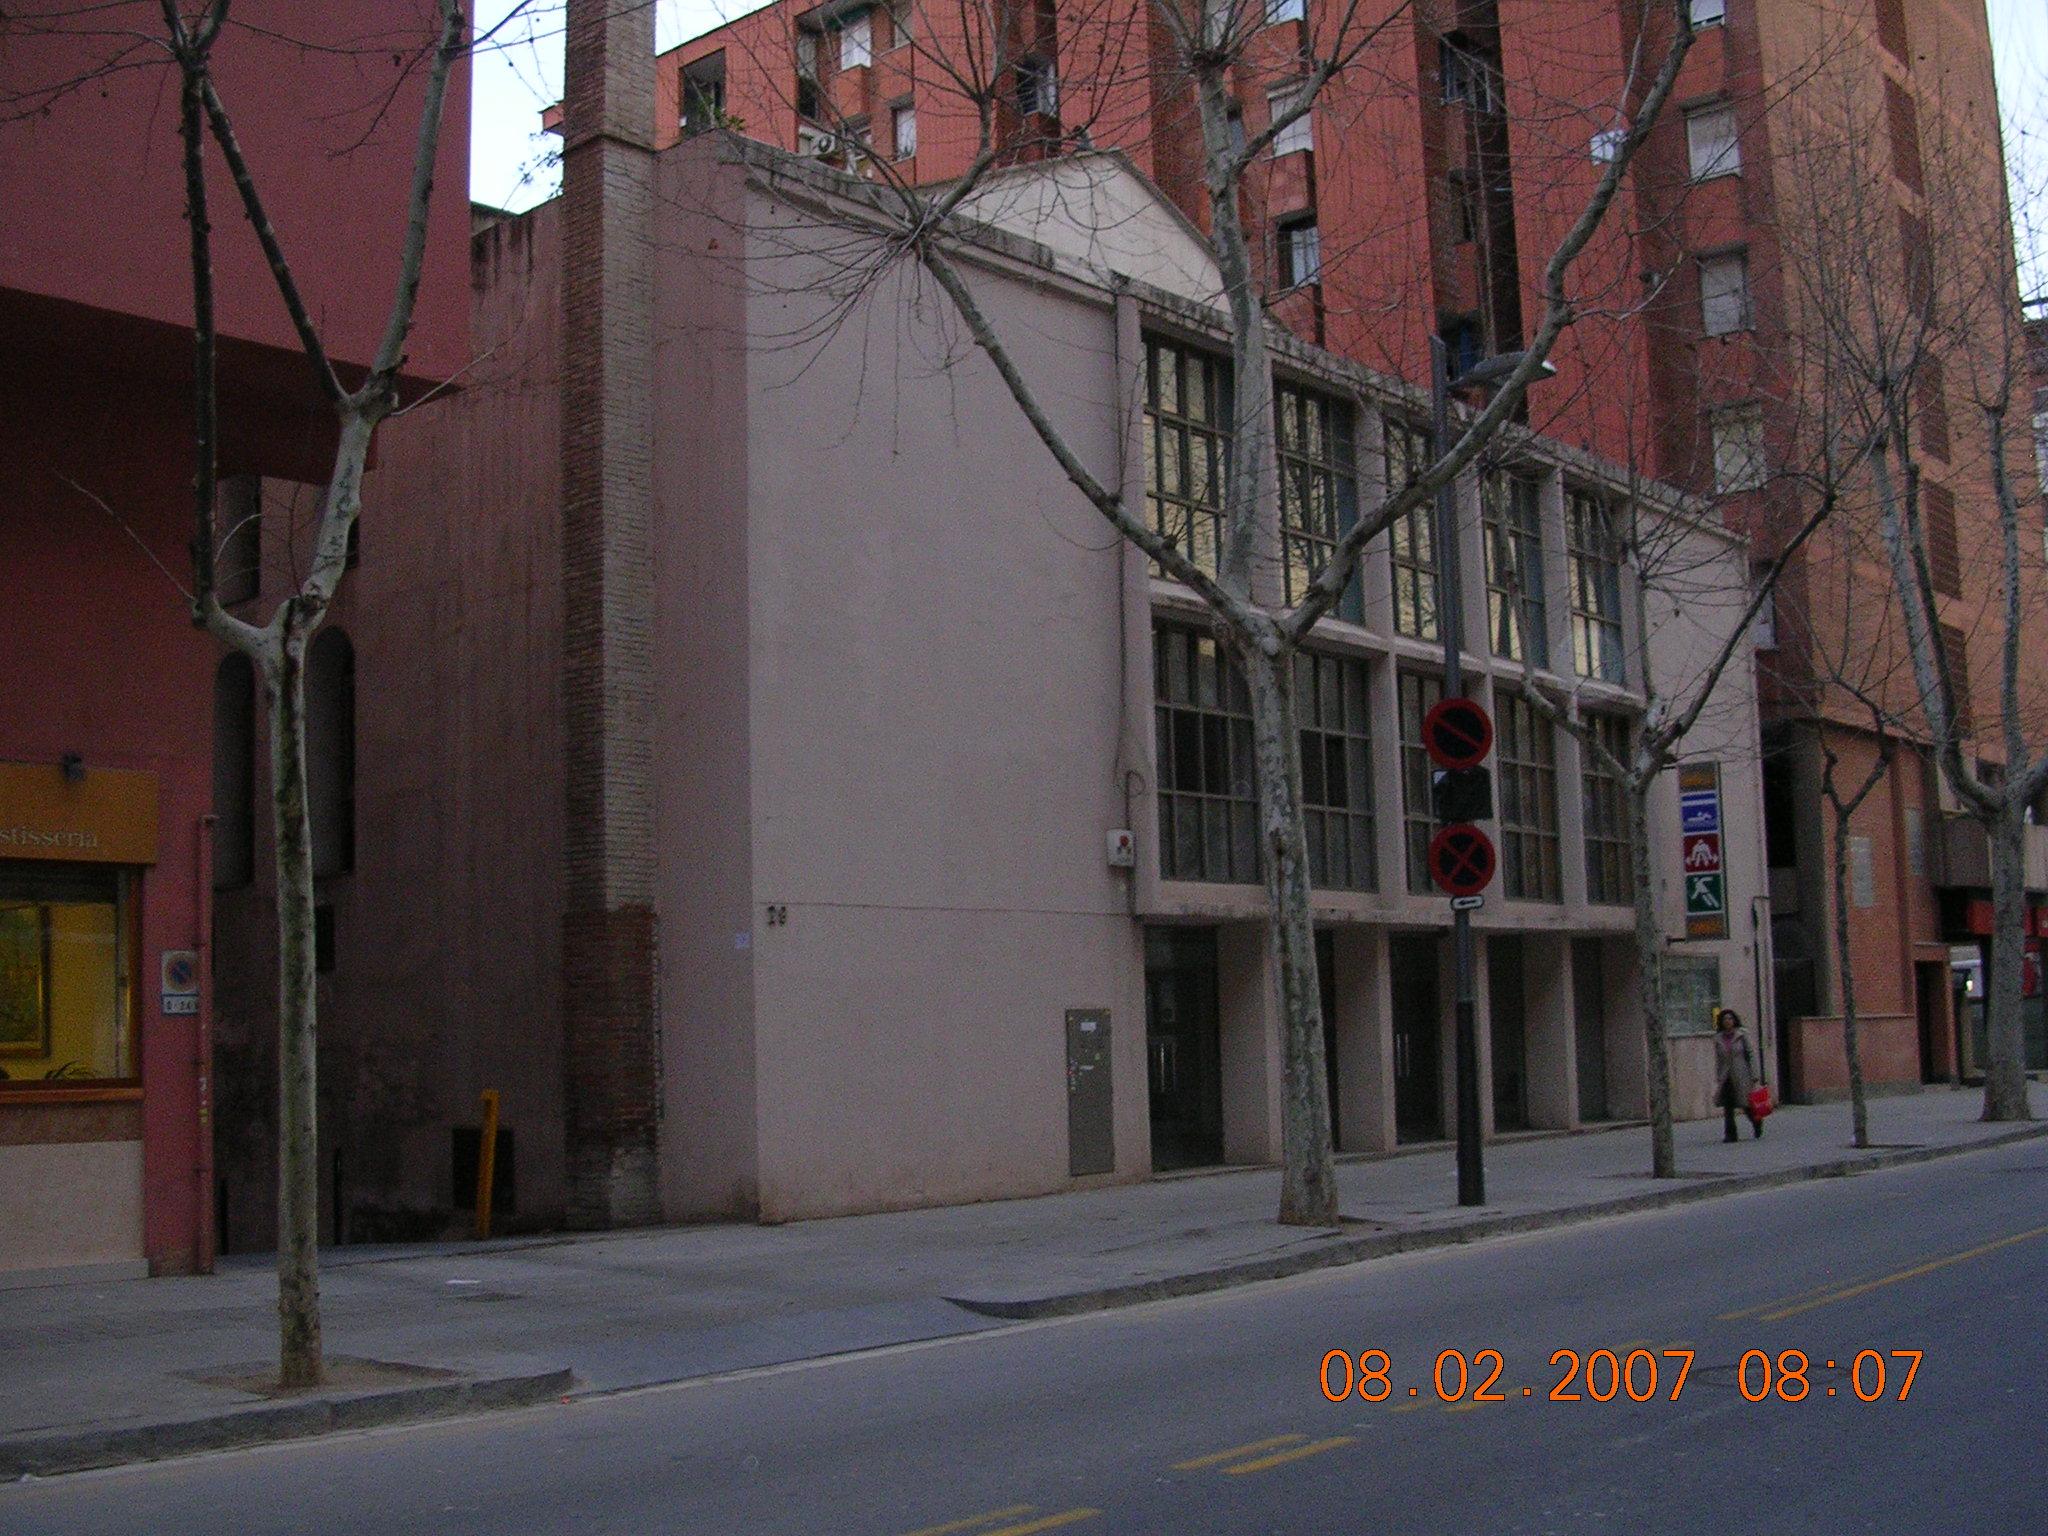 Colegio de fincas de barcelona de fincas y comunidades - Colegio de administradores de fincas de barcelona ...